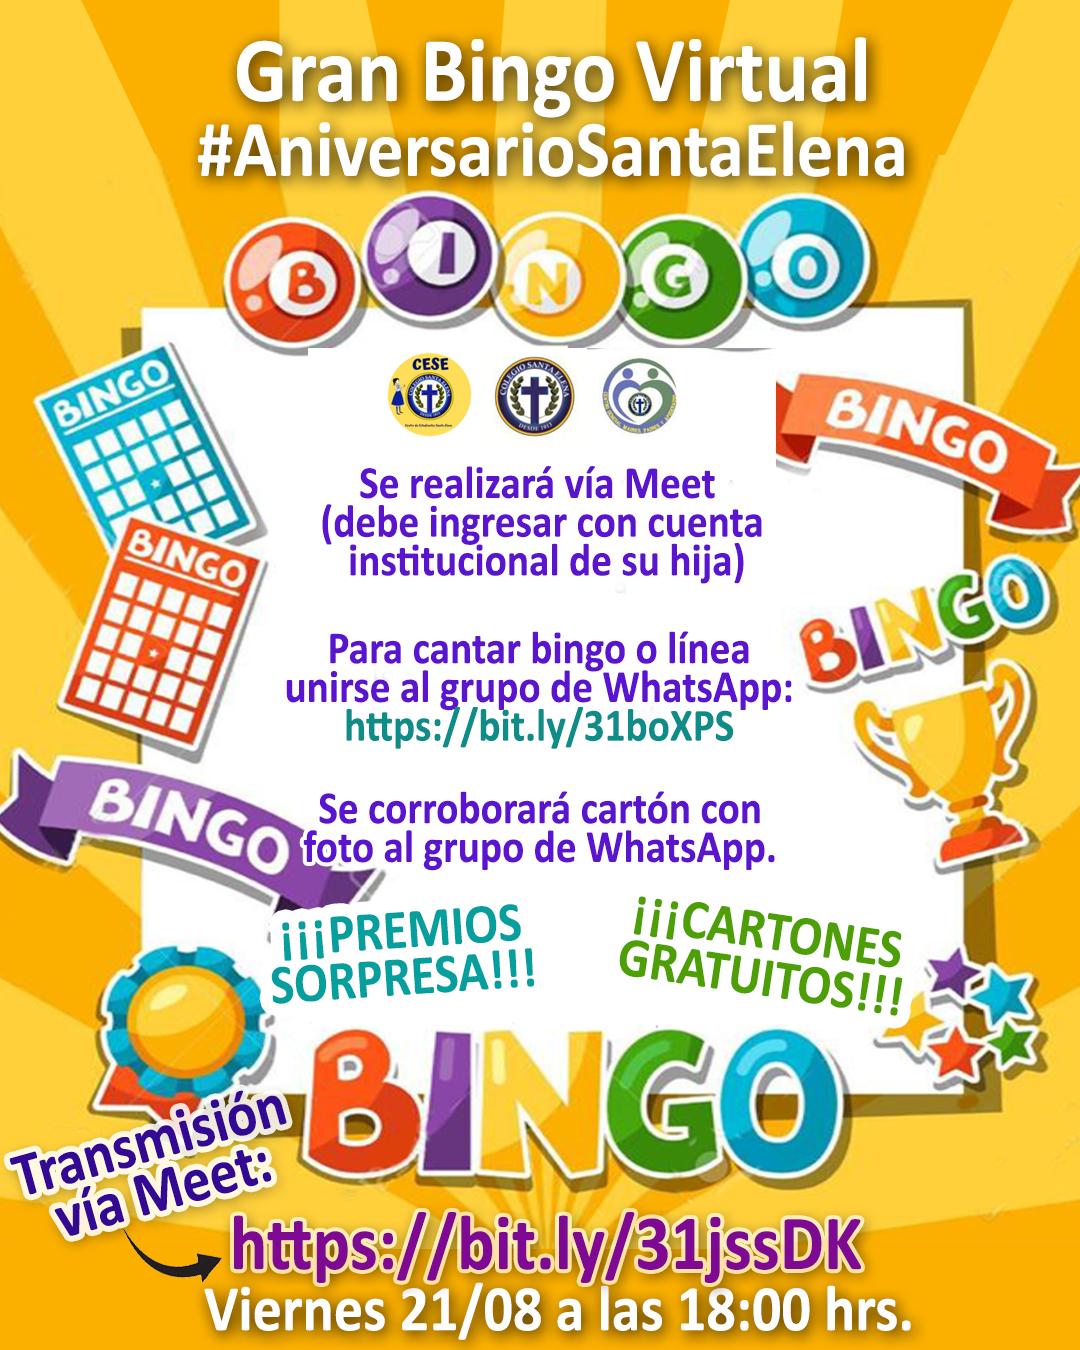 Invitación Bingo Aniversario Santa Elena- 19/08